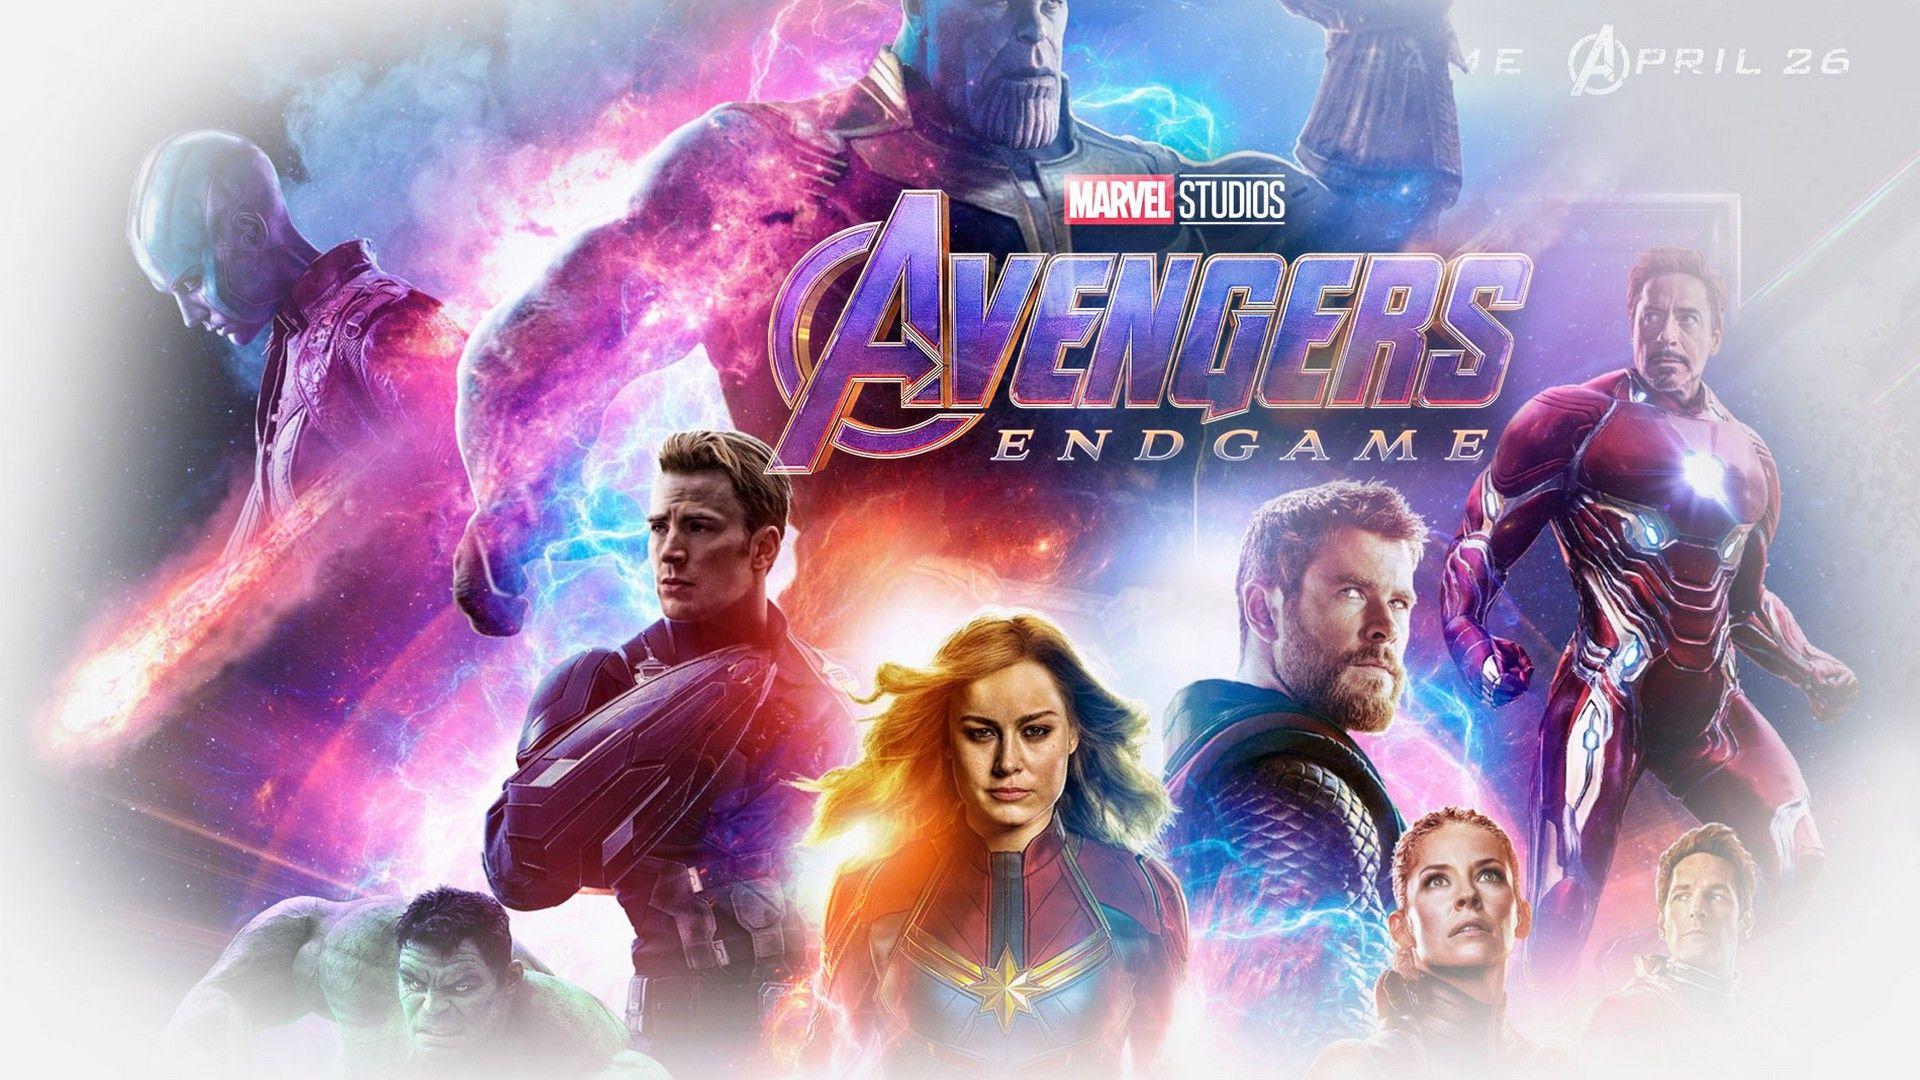 Avengers Endgame Wallpaper For Desktop Best Movie Poster Wallpaper Hd Avengers Avengers Infinity War Movie Posters